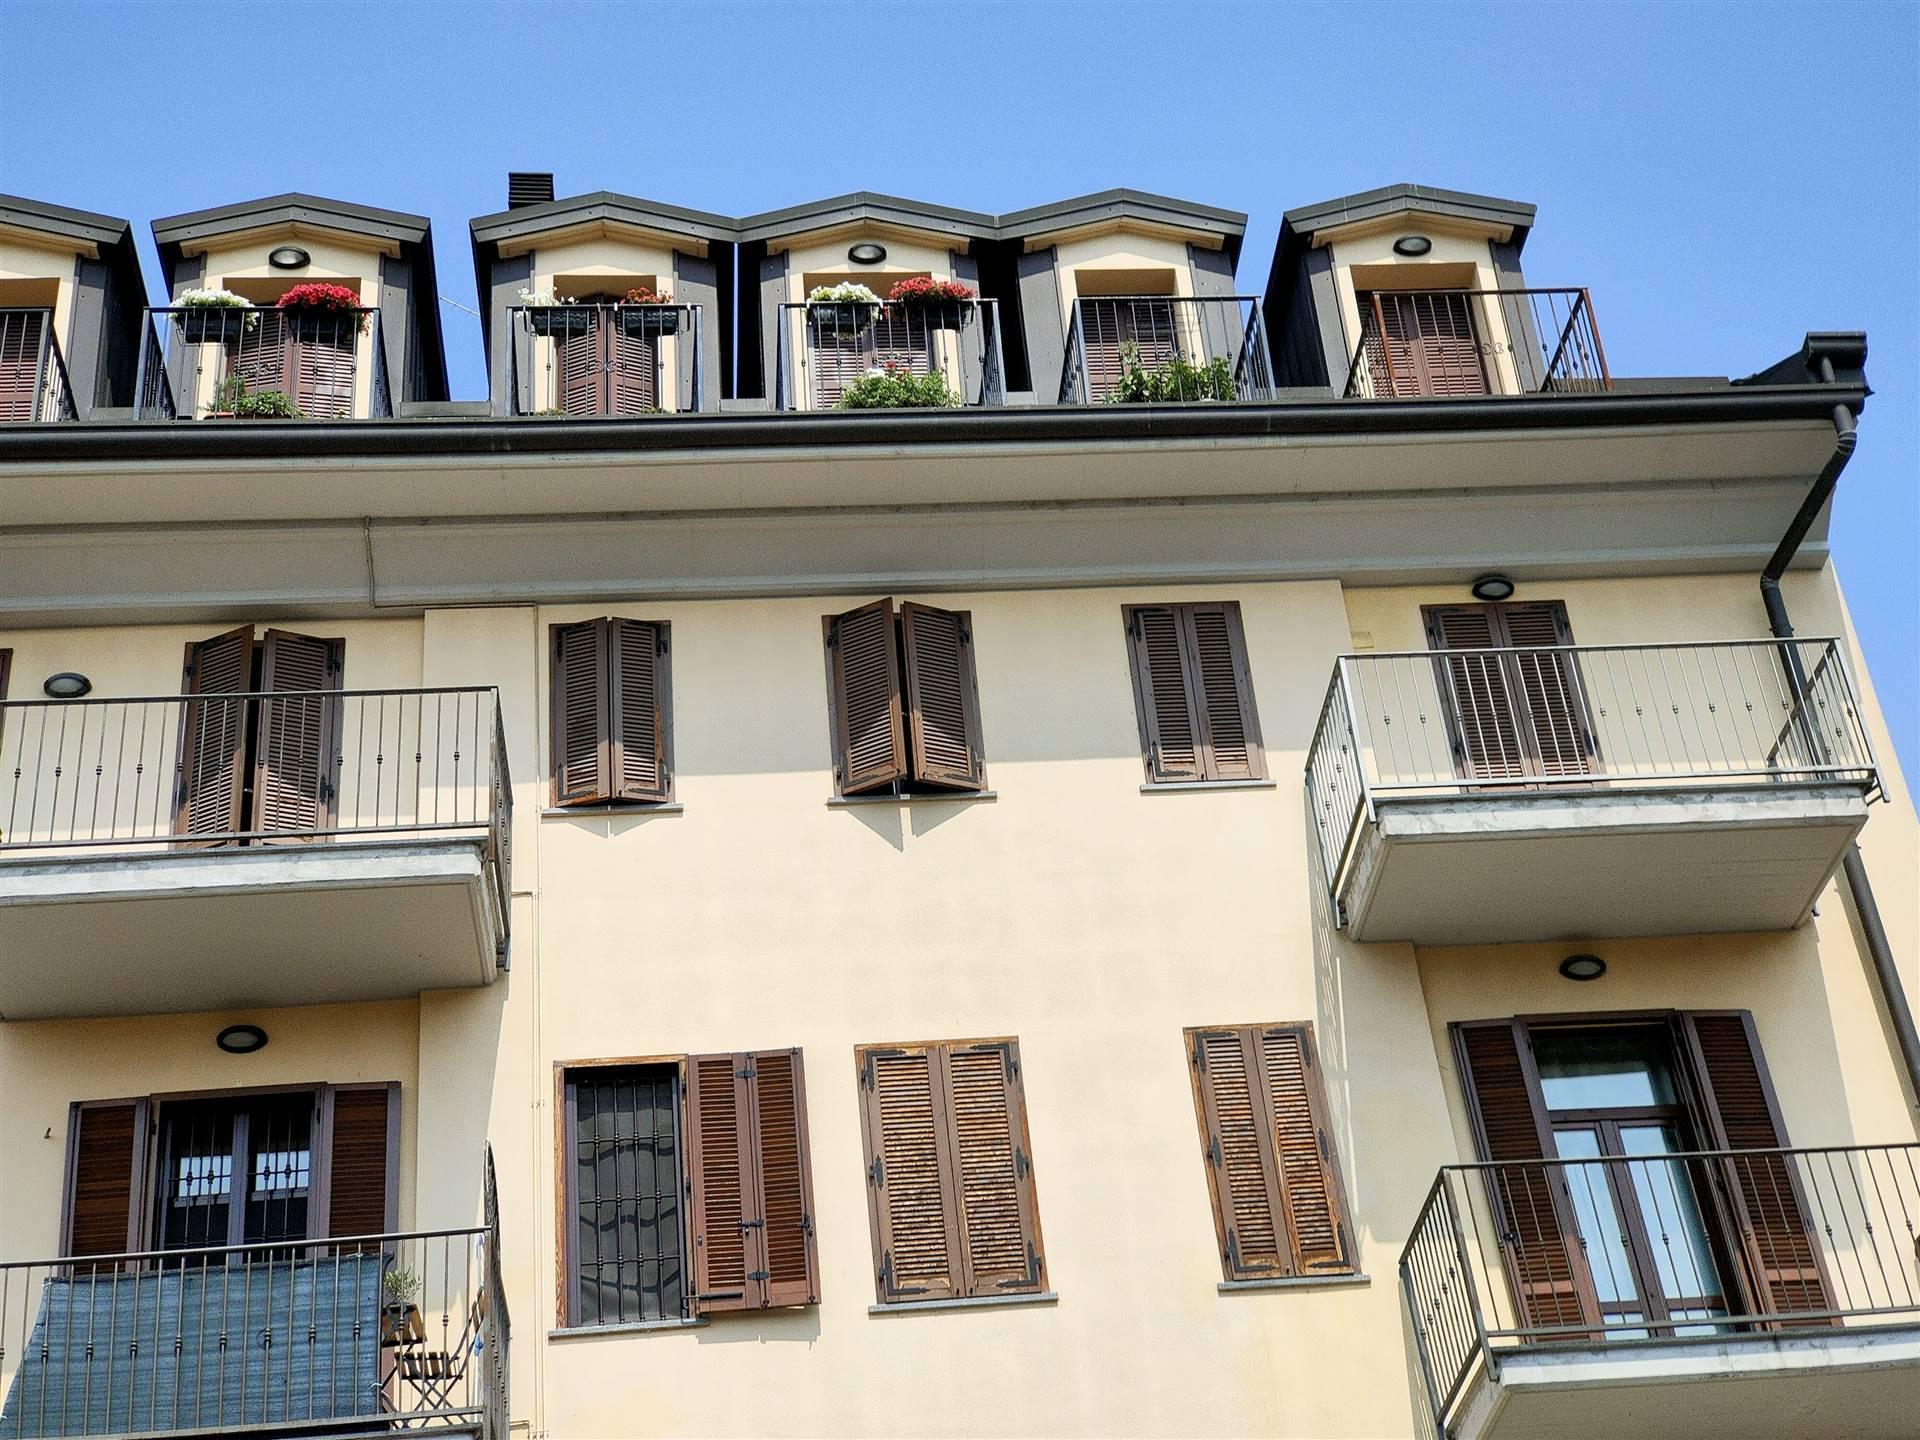 Graziosa ed ampia mansarda con 4 balconcini posta al quarto piano con ascensore. Viene venduta completamente arredata e condizionata. Molto